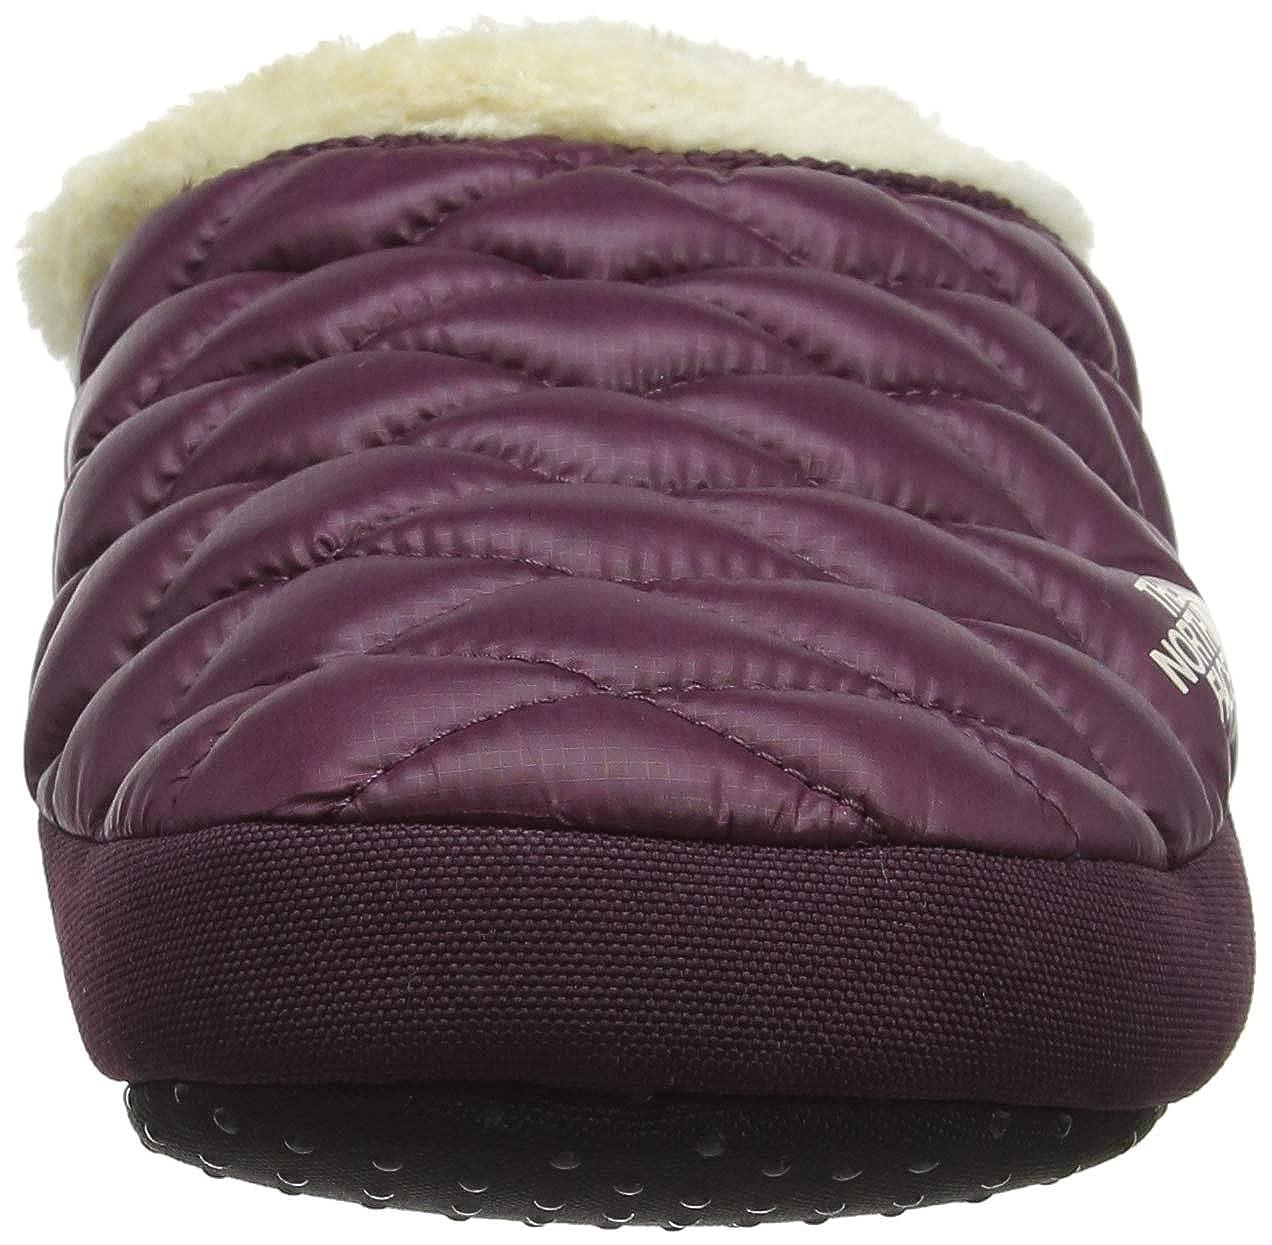 a8dcceac95 The North Face Damen Thermoball Faux Fur Iv Tent Pantoletten: Amazon.de:  Schuhe & Handtaschen